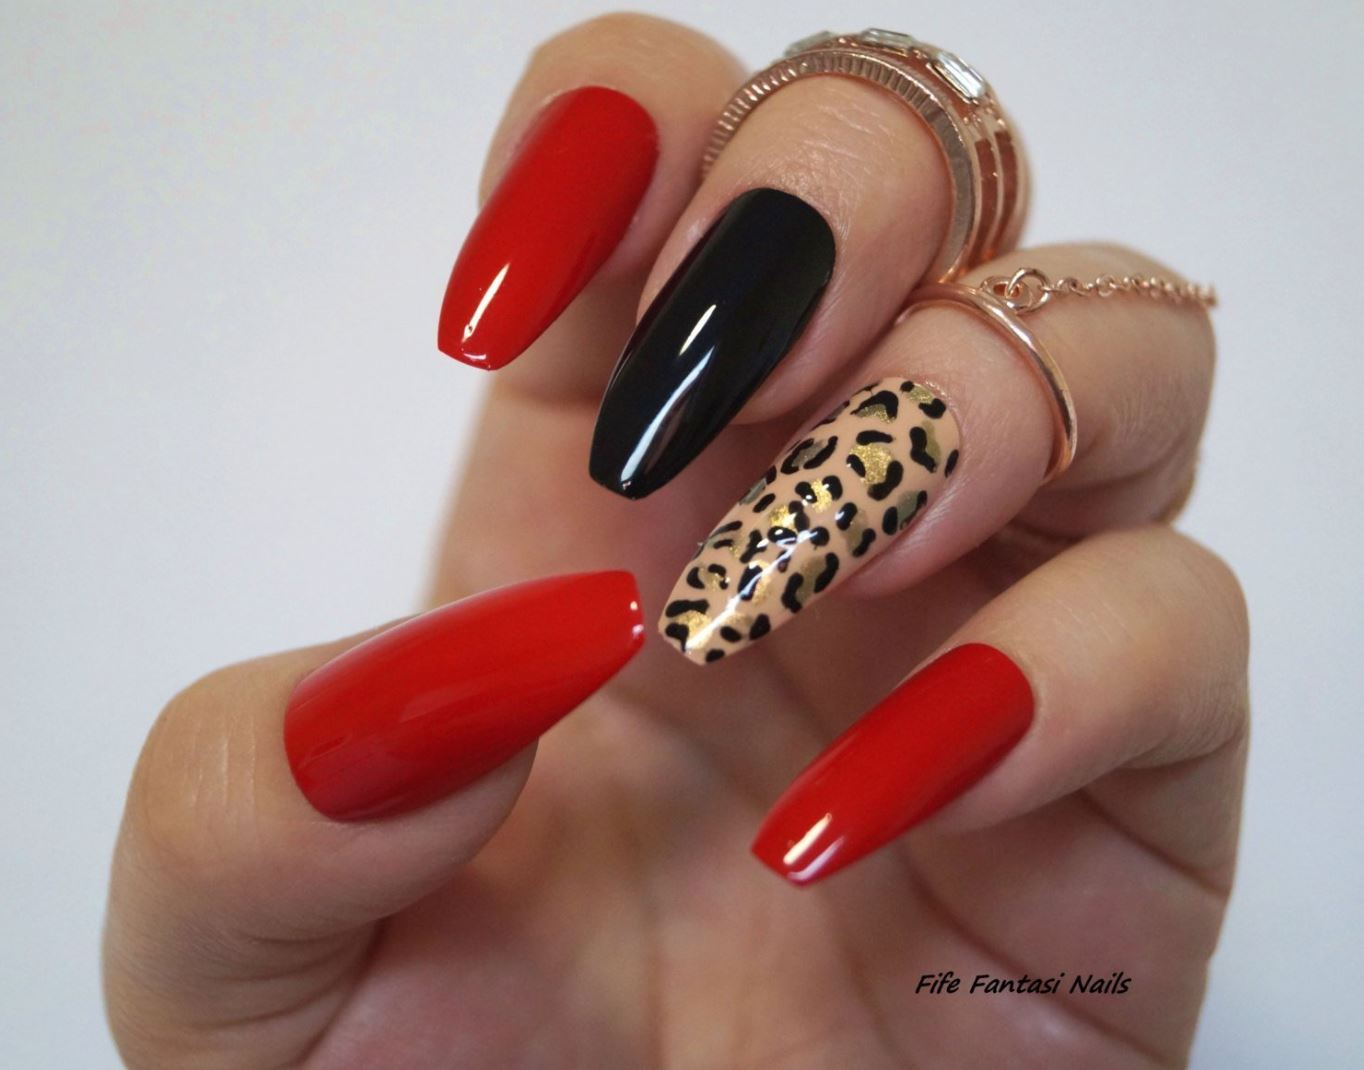 long ballerina shaped nails